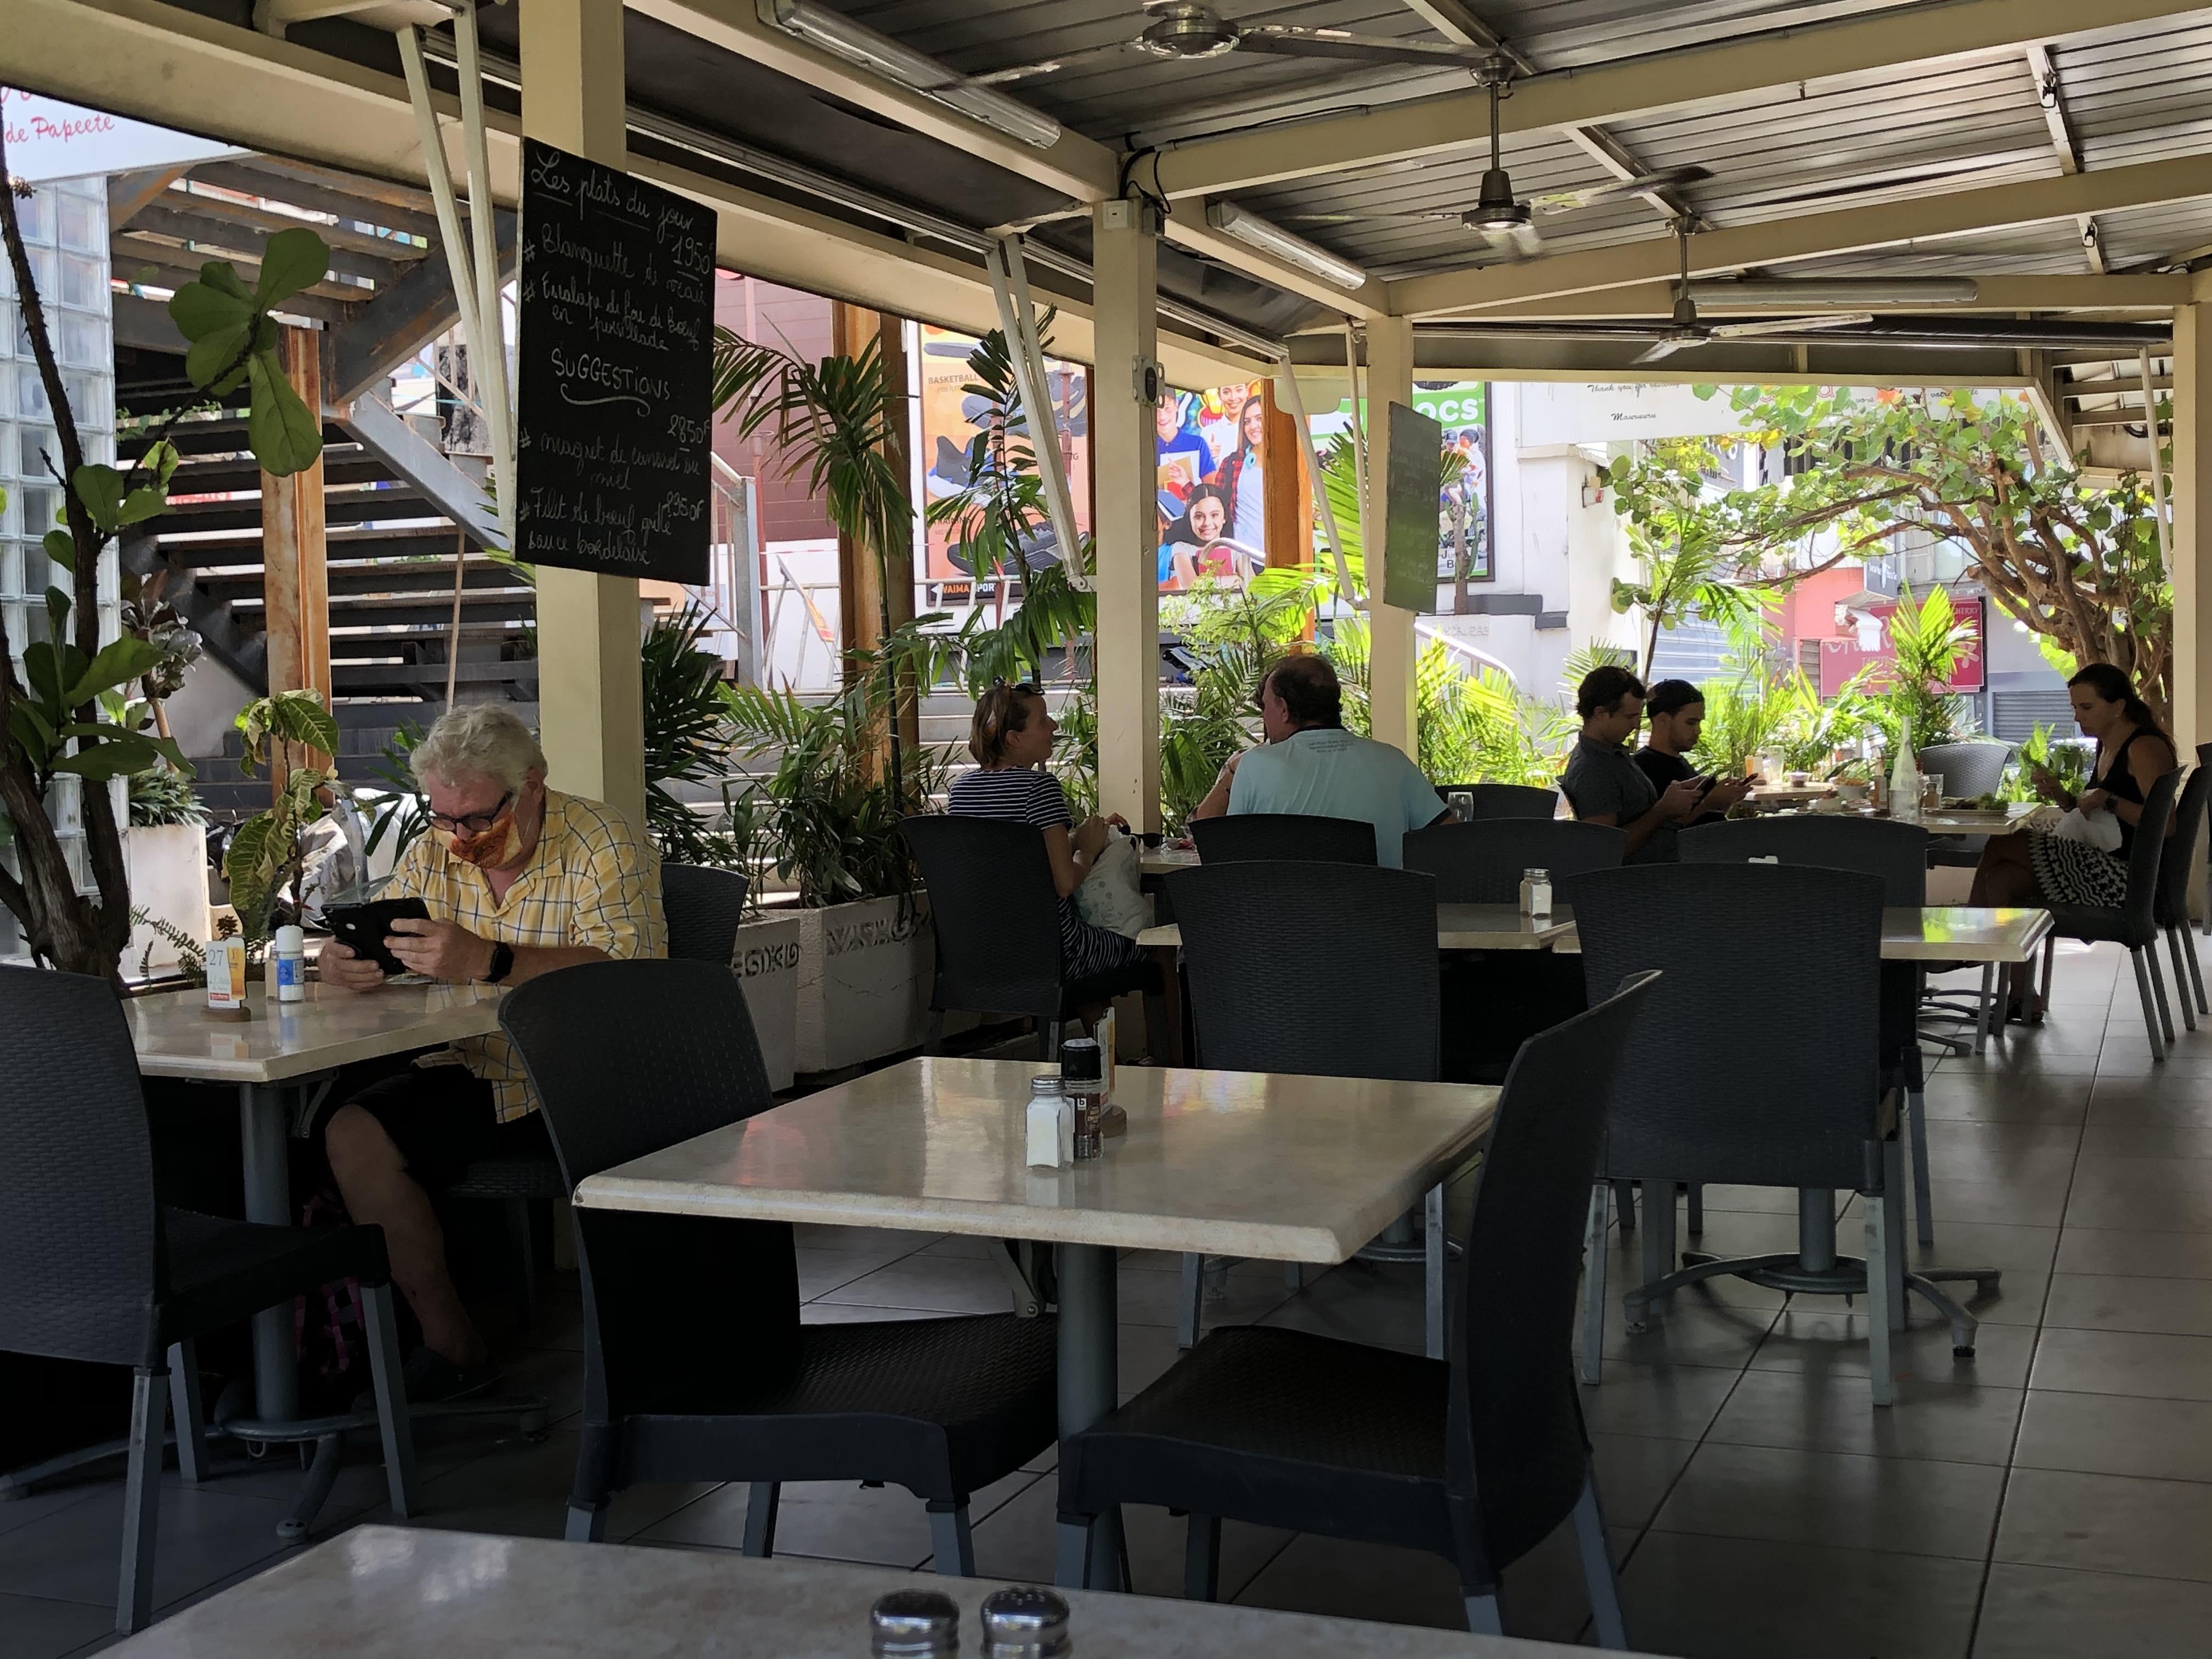 Les restaurateurs de Papeete ont pu de nouveau accueillir leurs clients en terrasse.